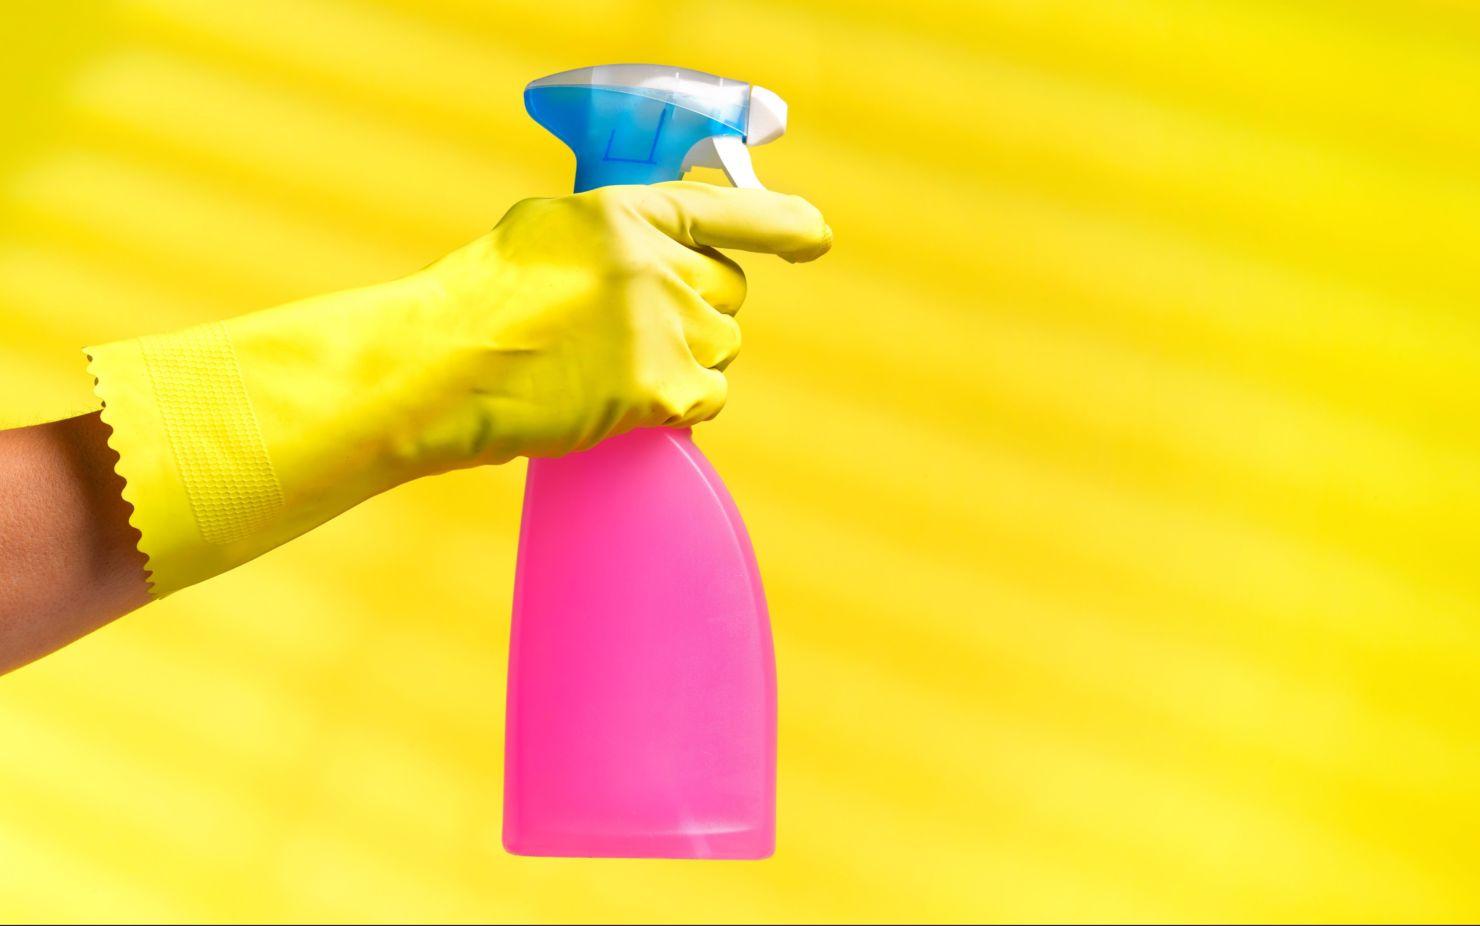 ¡Cuidado! tus productos de limpieza pueden lastimar a tus mascotas